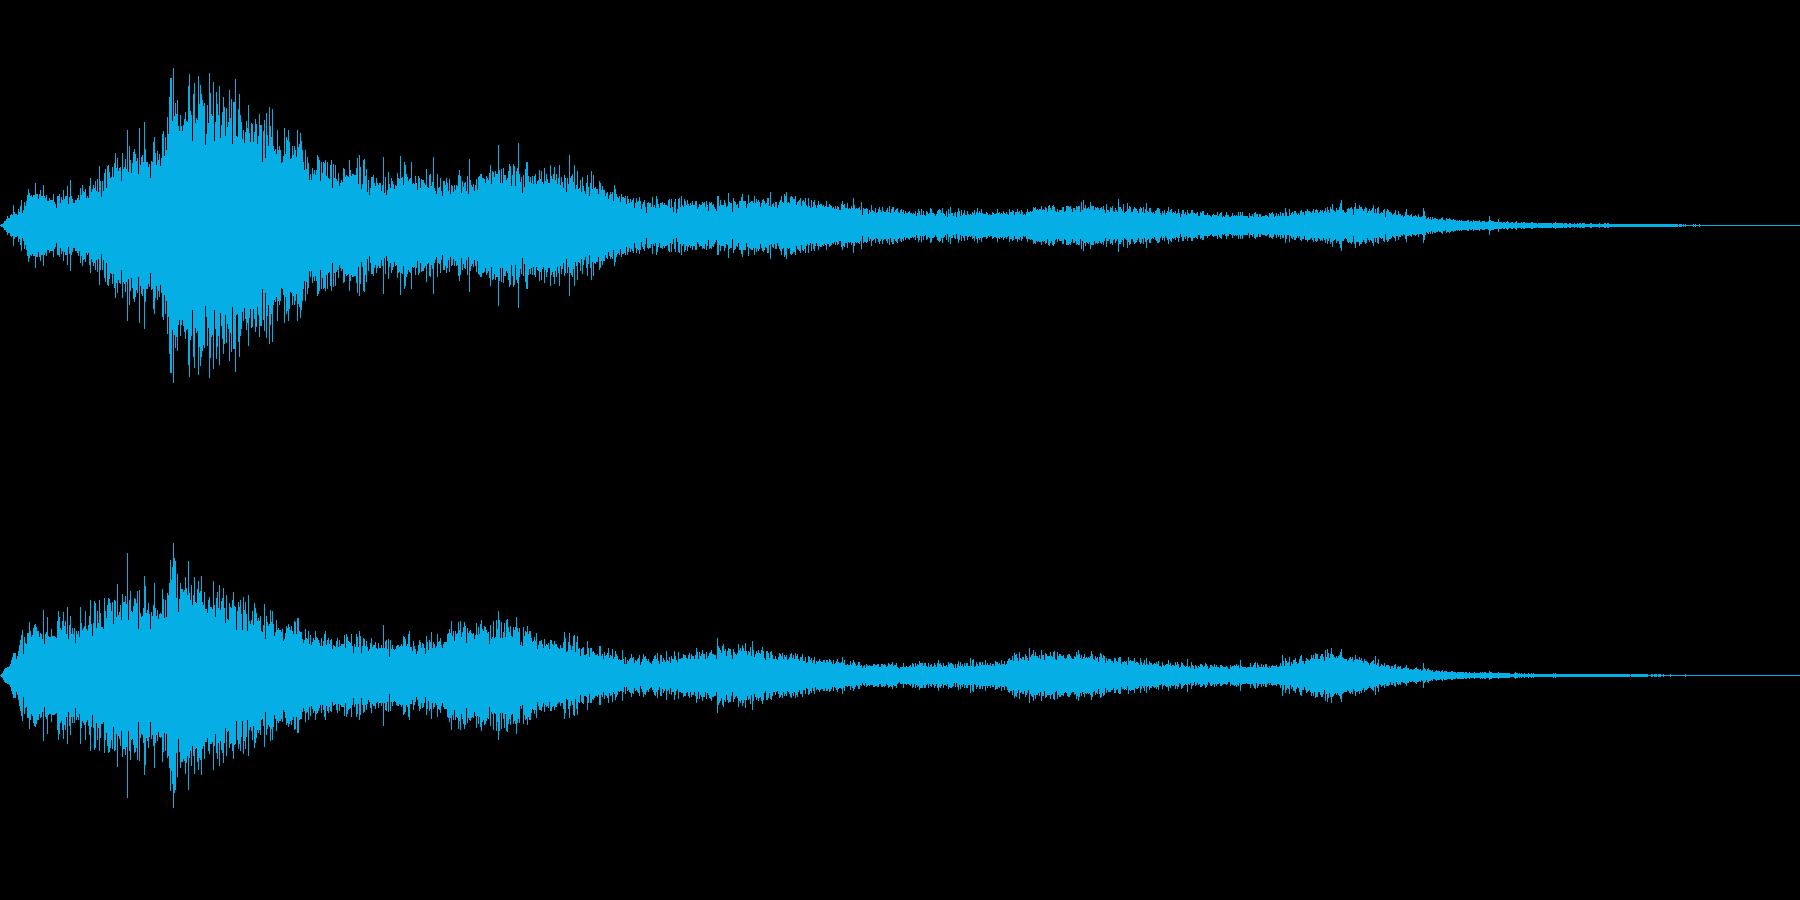 【生録音】 早朝の街 交通 環境音 23の再生済みの波形